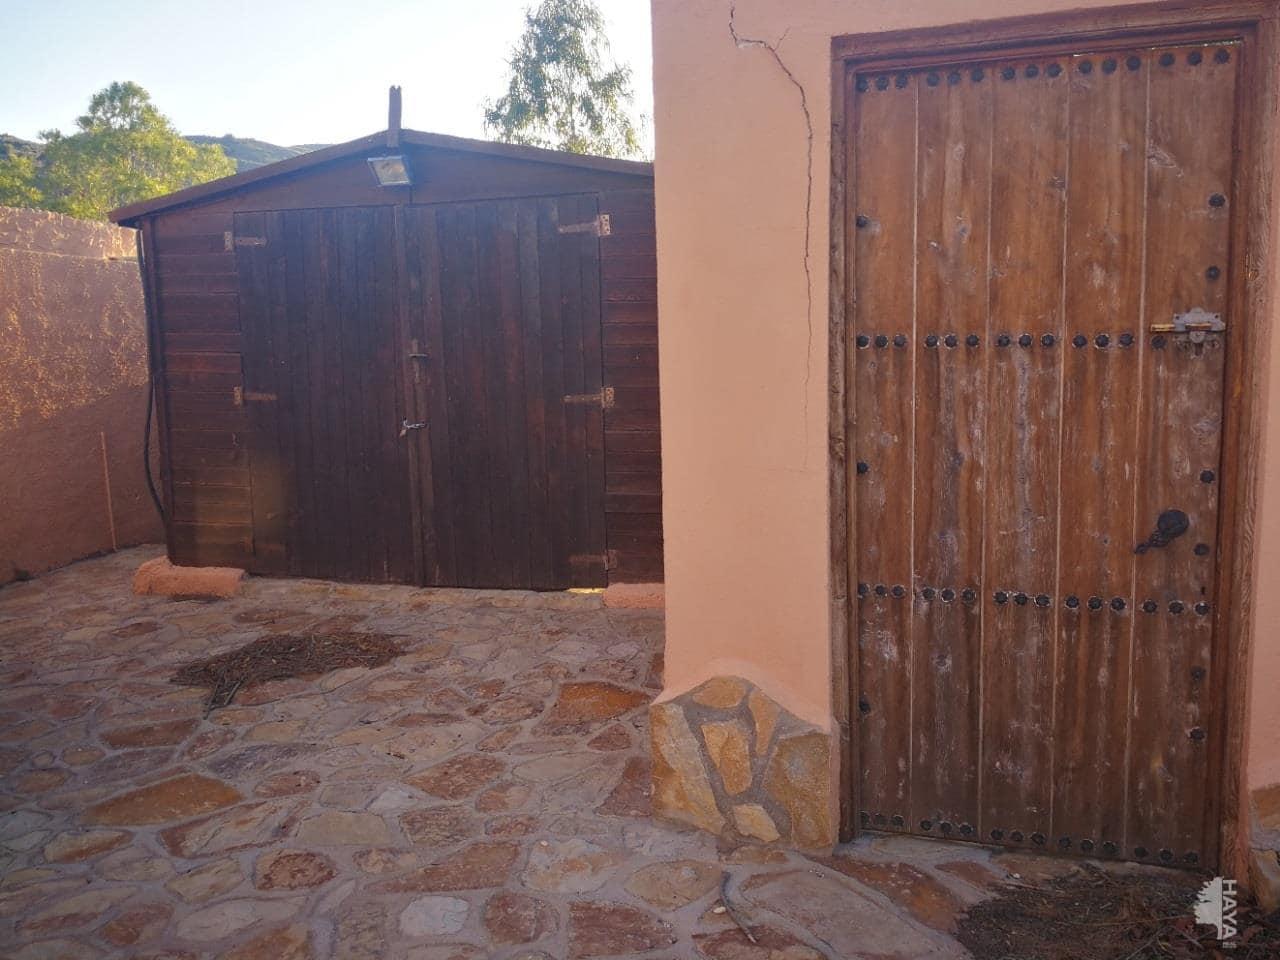 Casa en venta en Mojácar Playa, Mojácar, Almería, Lugar Cueva Negra, Sn, 356.302 €, 2 habitaciones, 1 baño, 160 m2